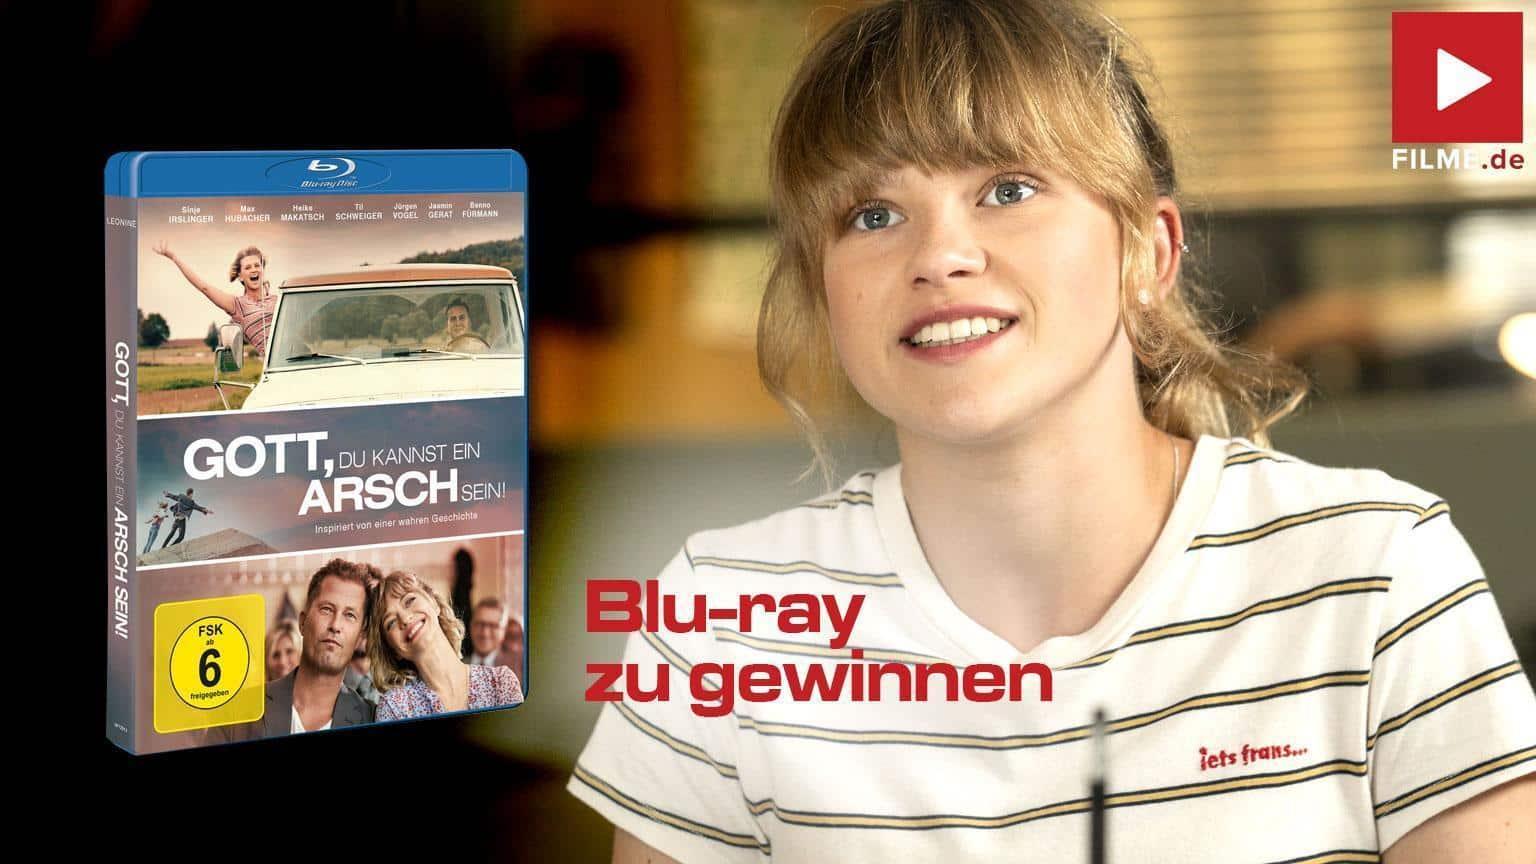 Gott du kannst ein Arsch sein Blu-ray DVD Gewinnspiel gewinnen shop kaufen Artikelbild